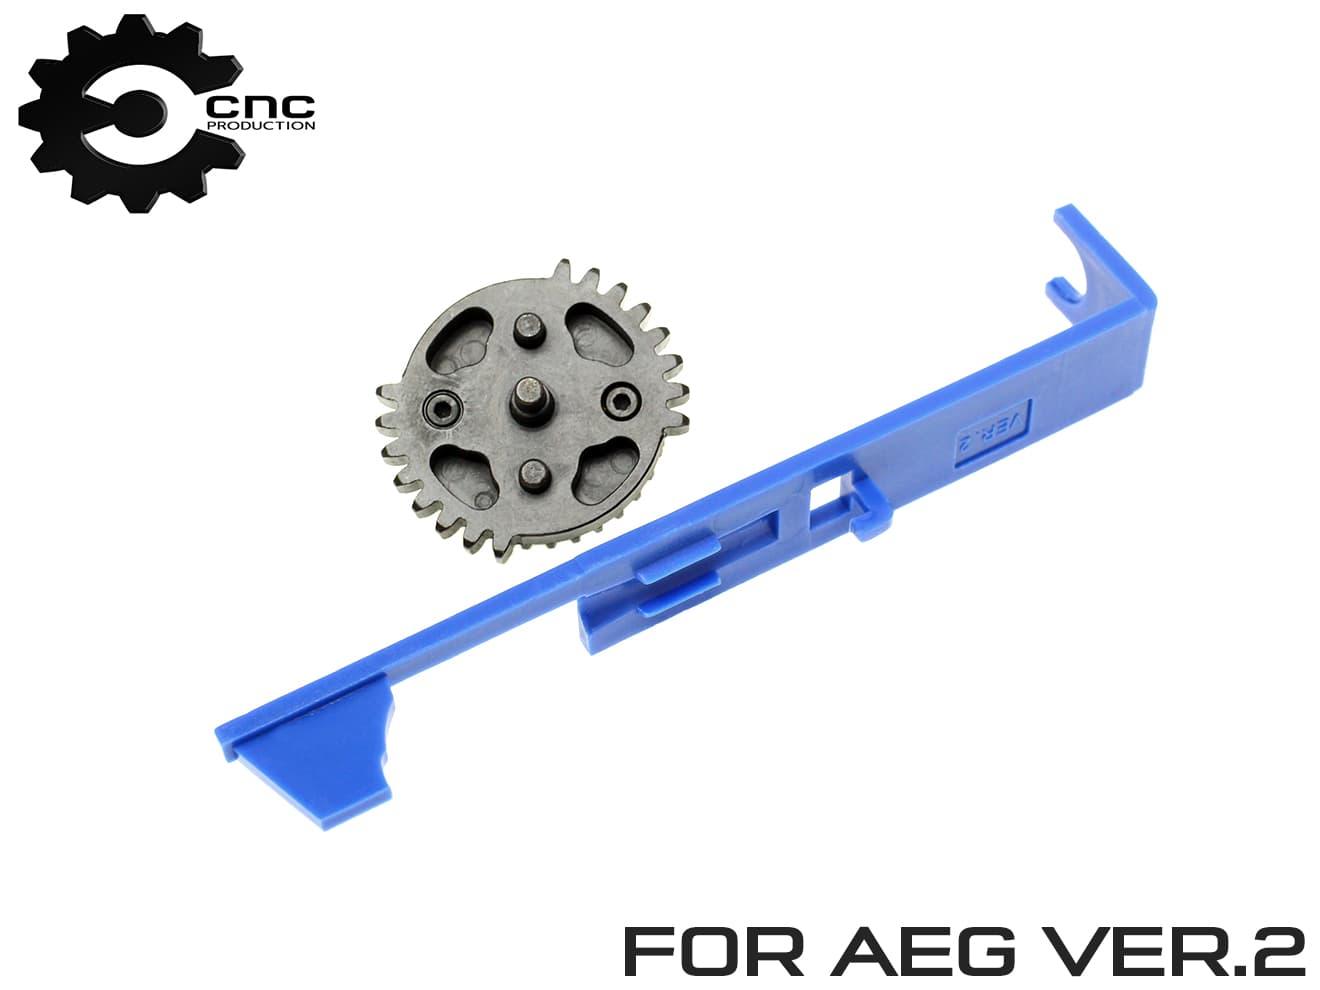 CNC Production DSG CNCセクターギア + 専用タペットプレート Ver2 18:1◆各社電動ガン Ver2メカボックス対応 超ハイサイクル仕様に画像